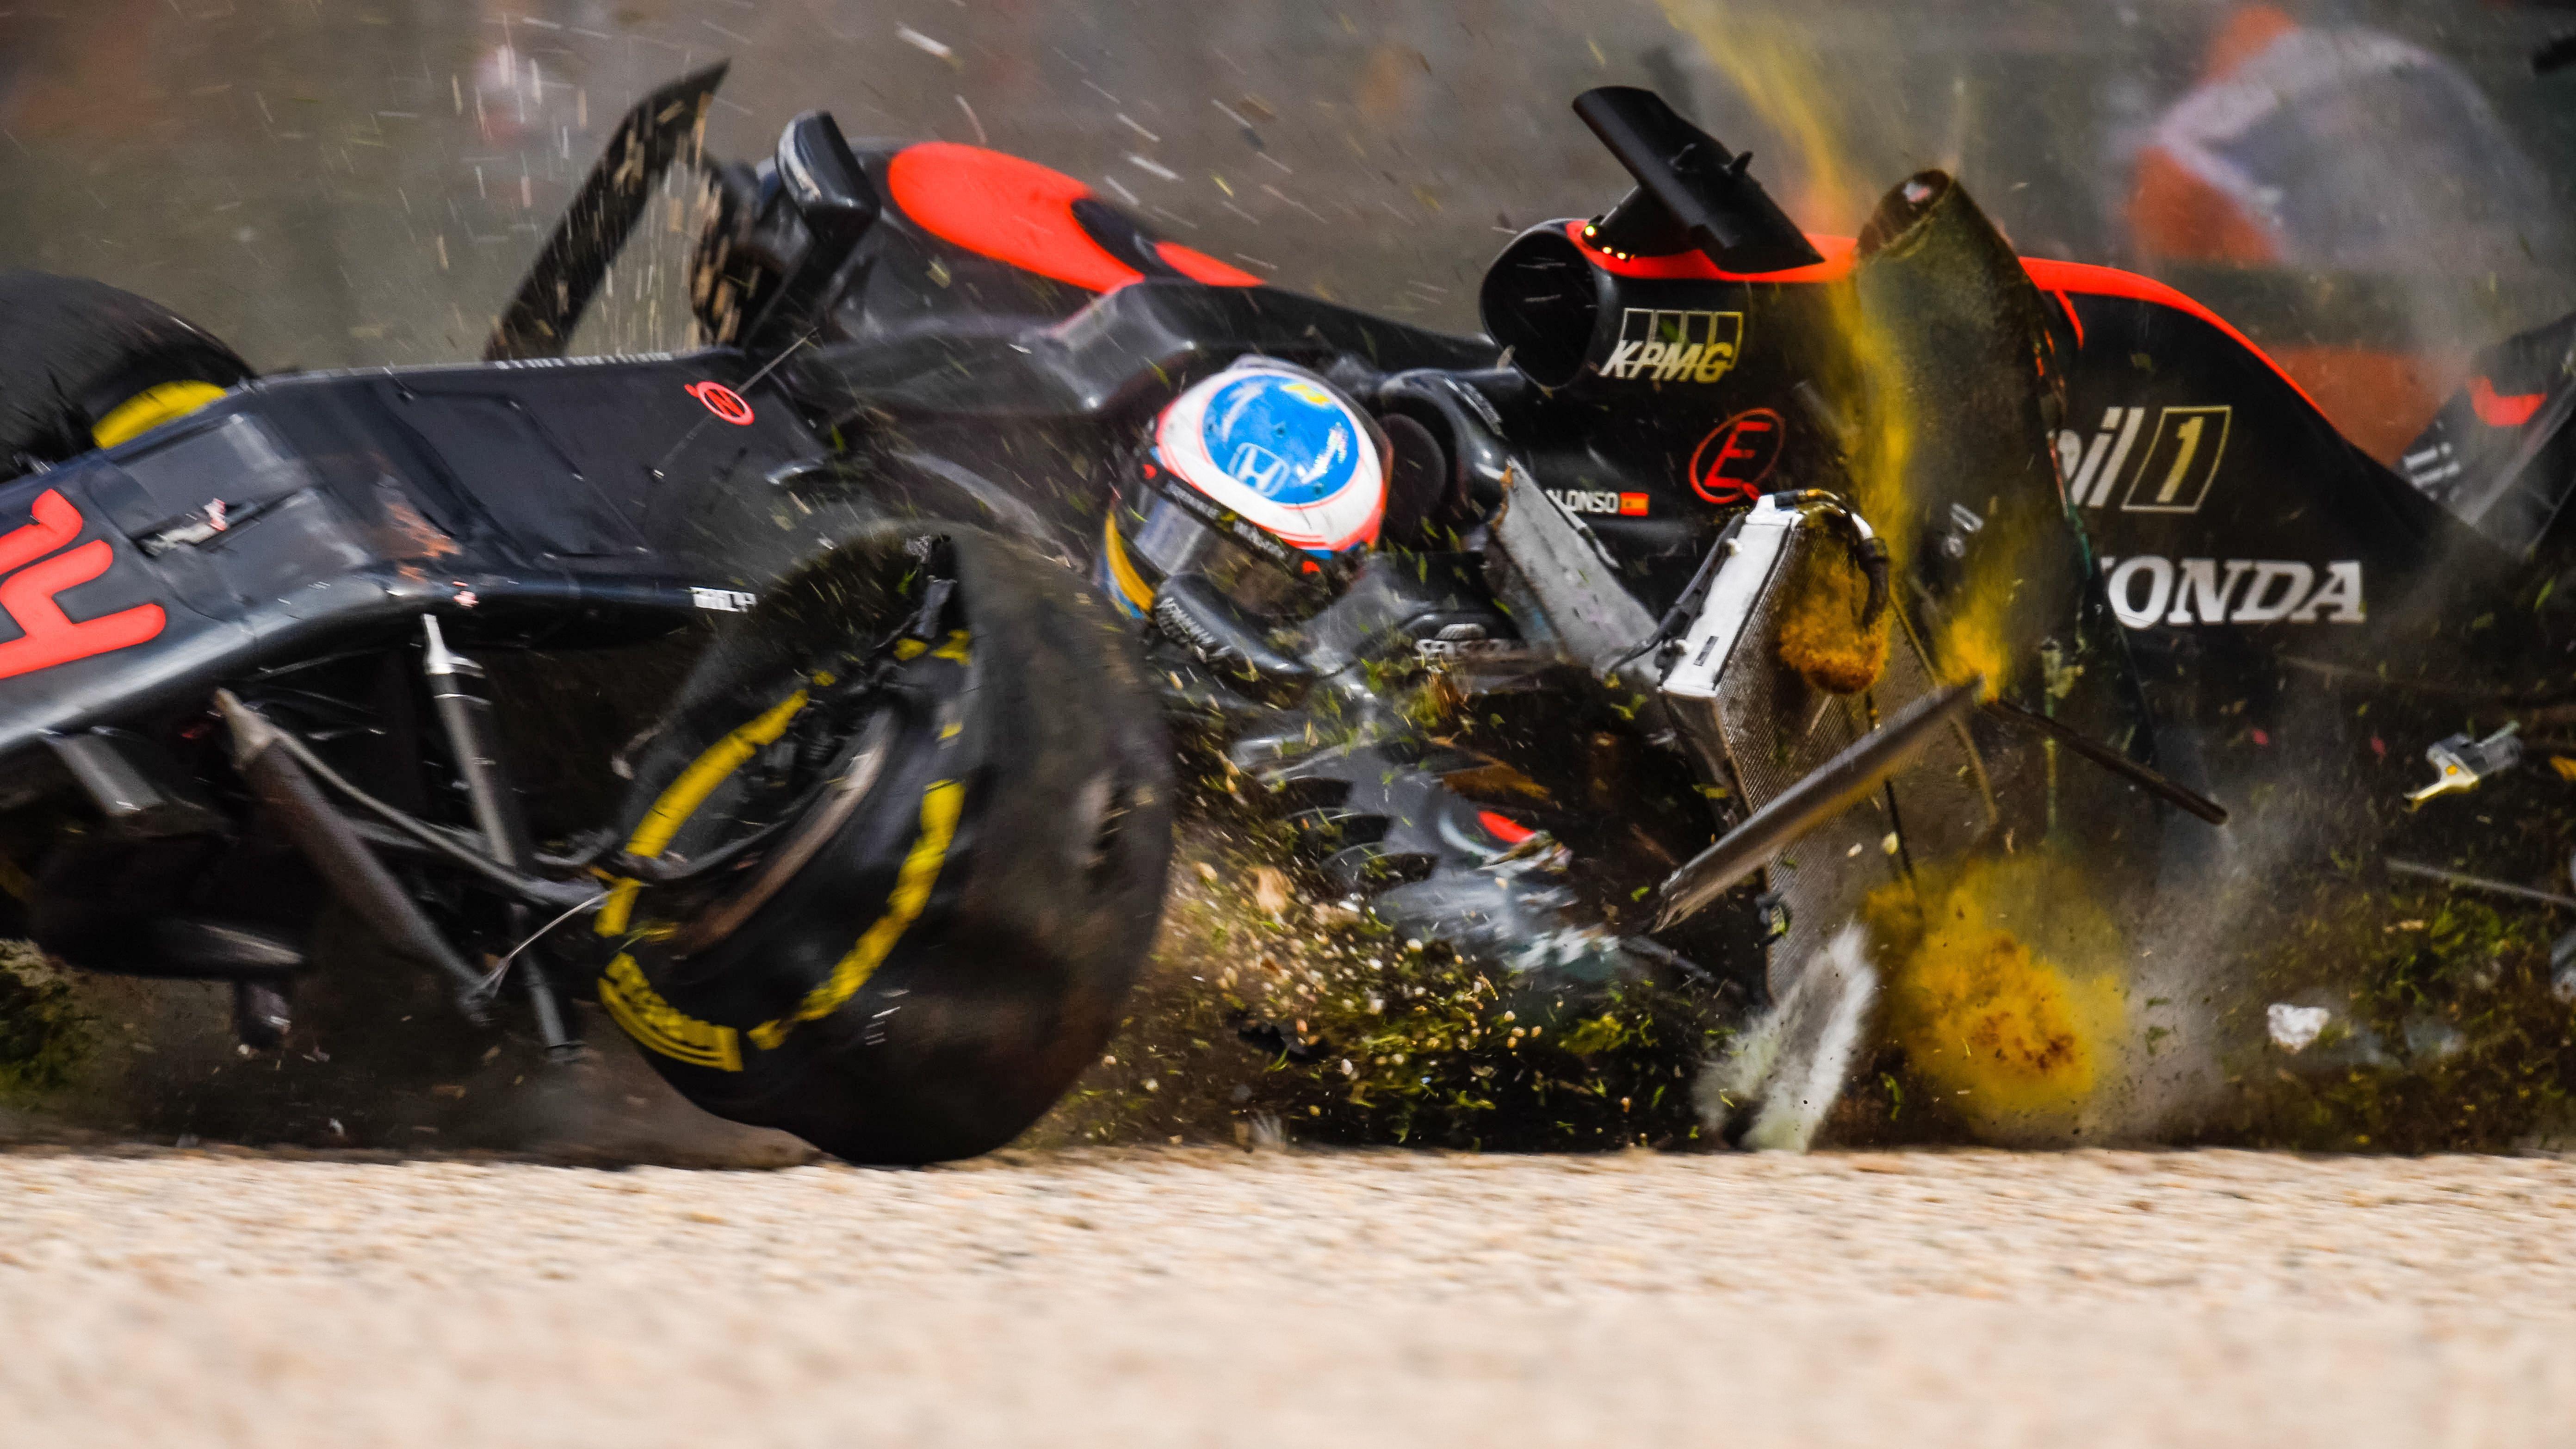 Fernando alonsos f1 car midroll in melbourne 5568 x